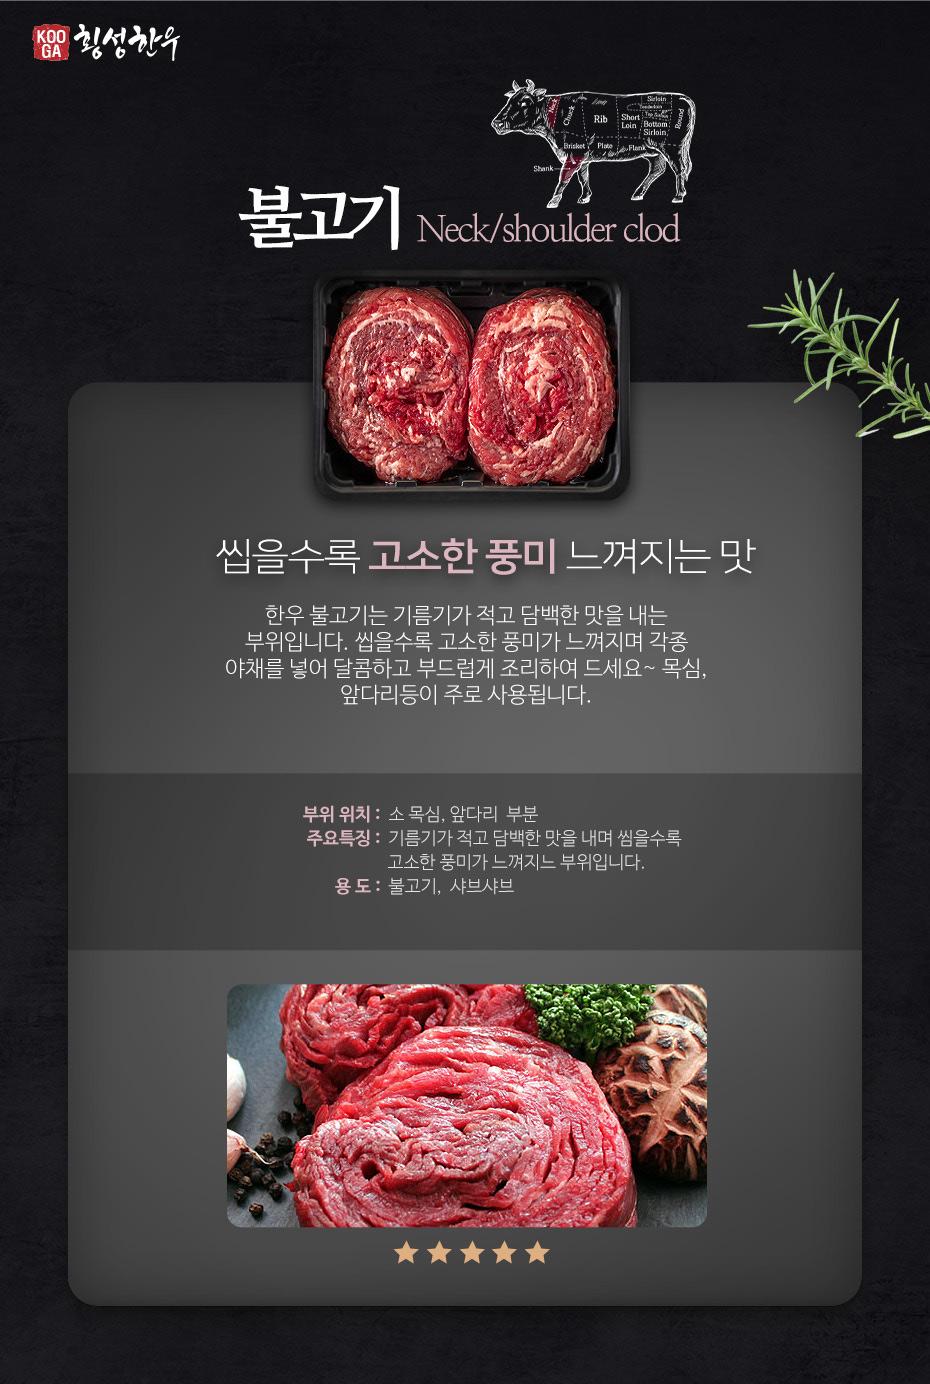 meat_kind_bulgogi_150019.jpg